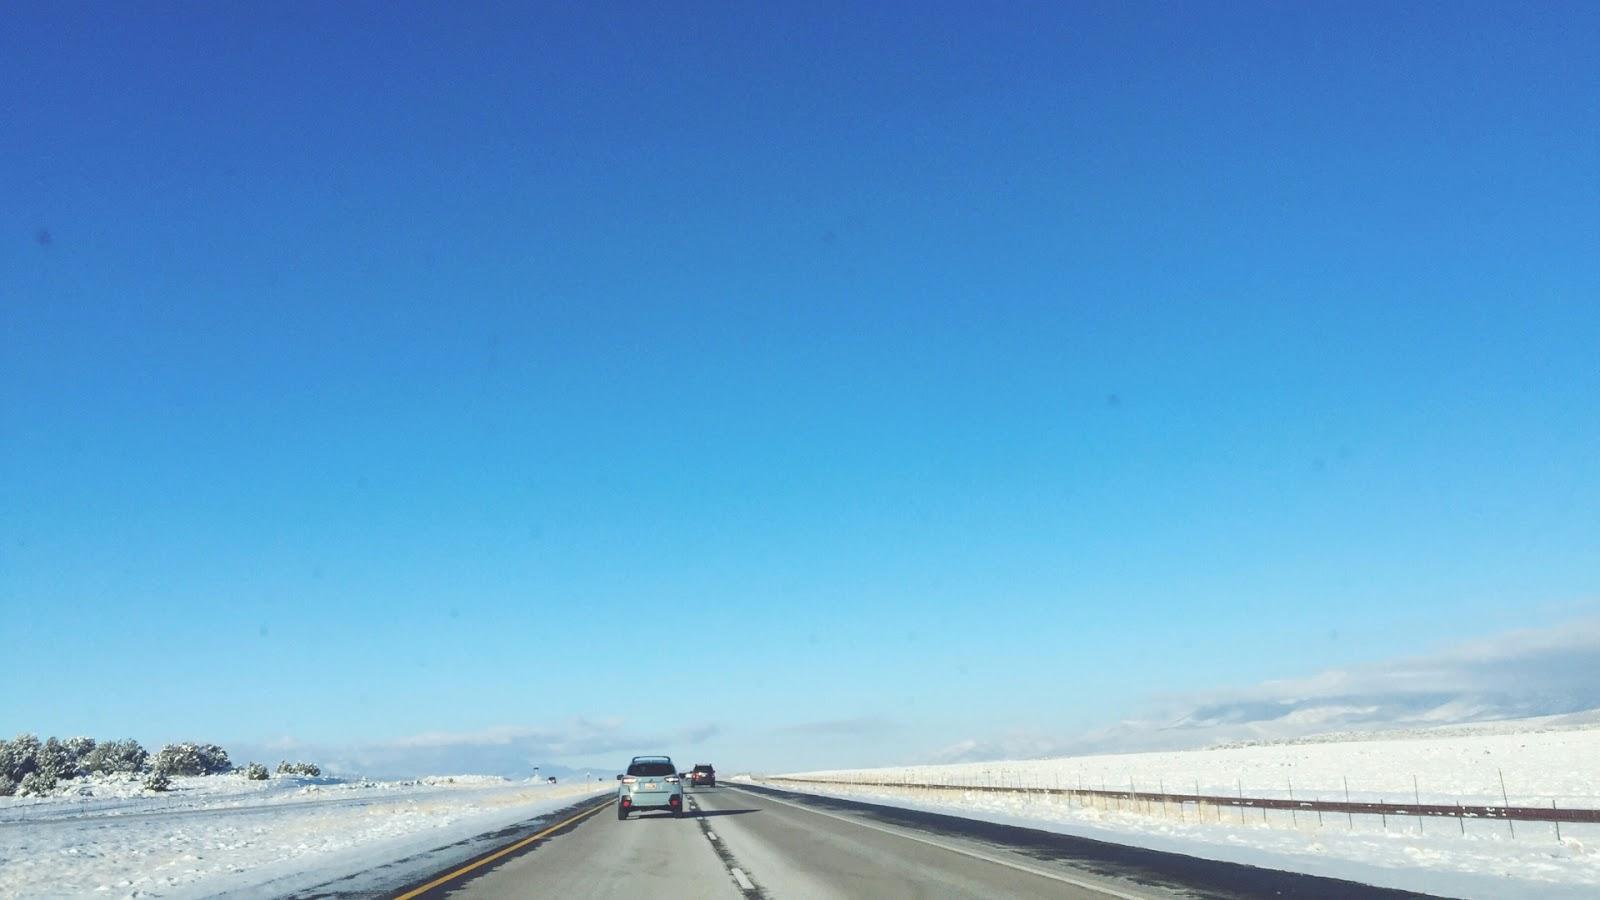 Snow Scenery // January Desktop Wallpaper Download // www.thejoyblog.net